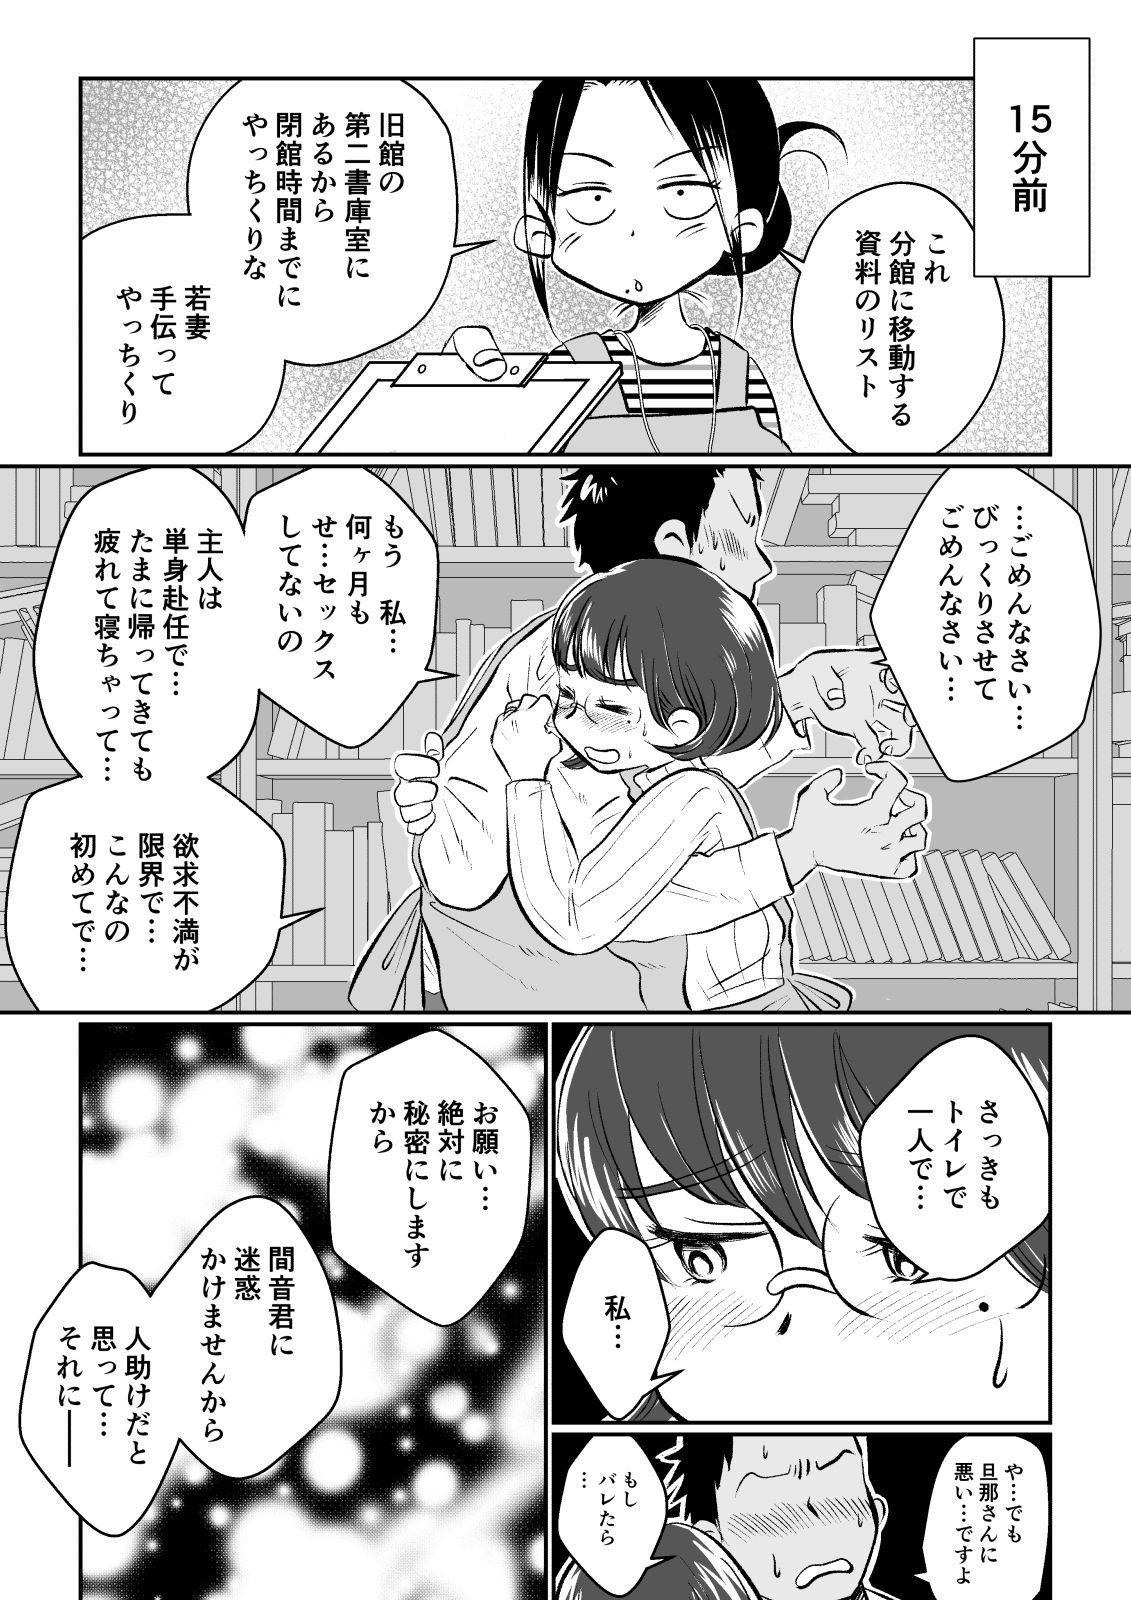 [Megitsune Works] Wakazuma-san wa Yokkyuu Fuman! Akogare no Shisho no Wakazuma-san ga Gakusei Beit no Boku no Fudeoroshi o Shite kuremashita. 23